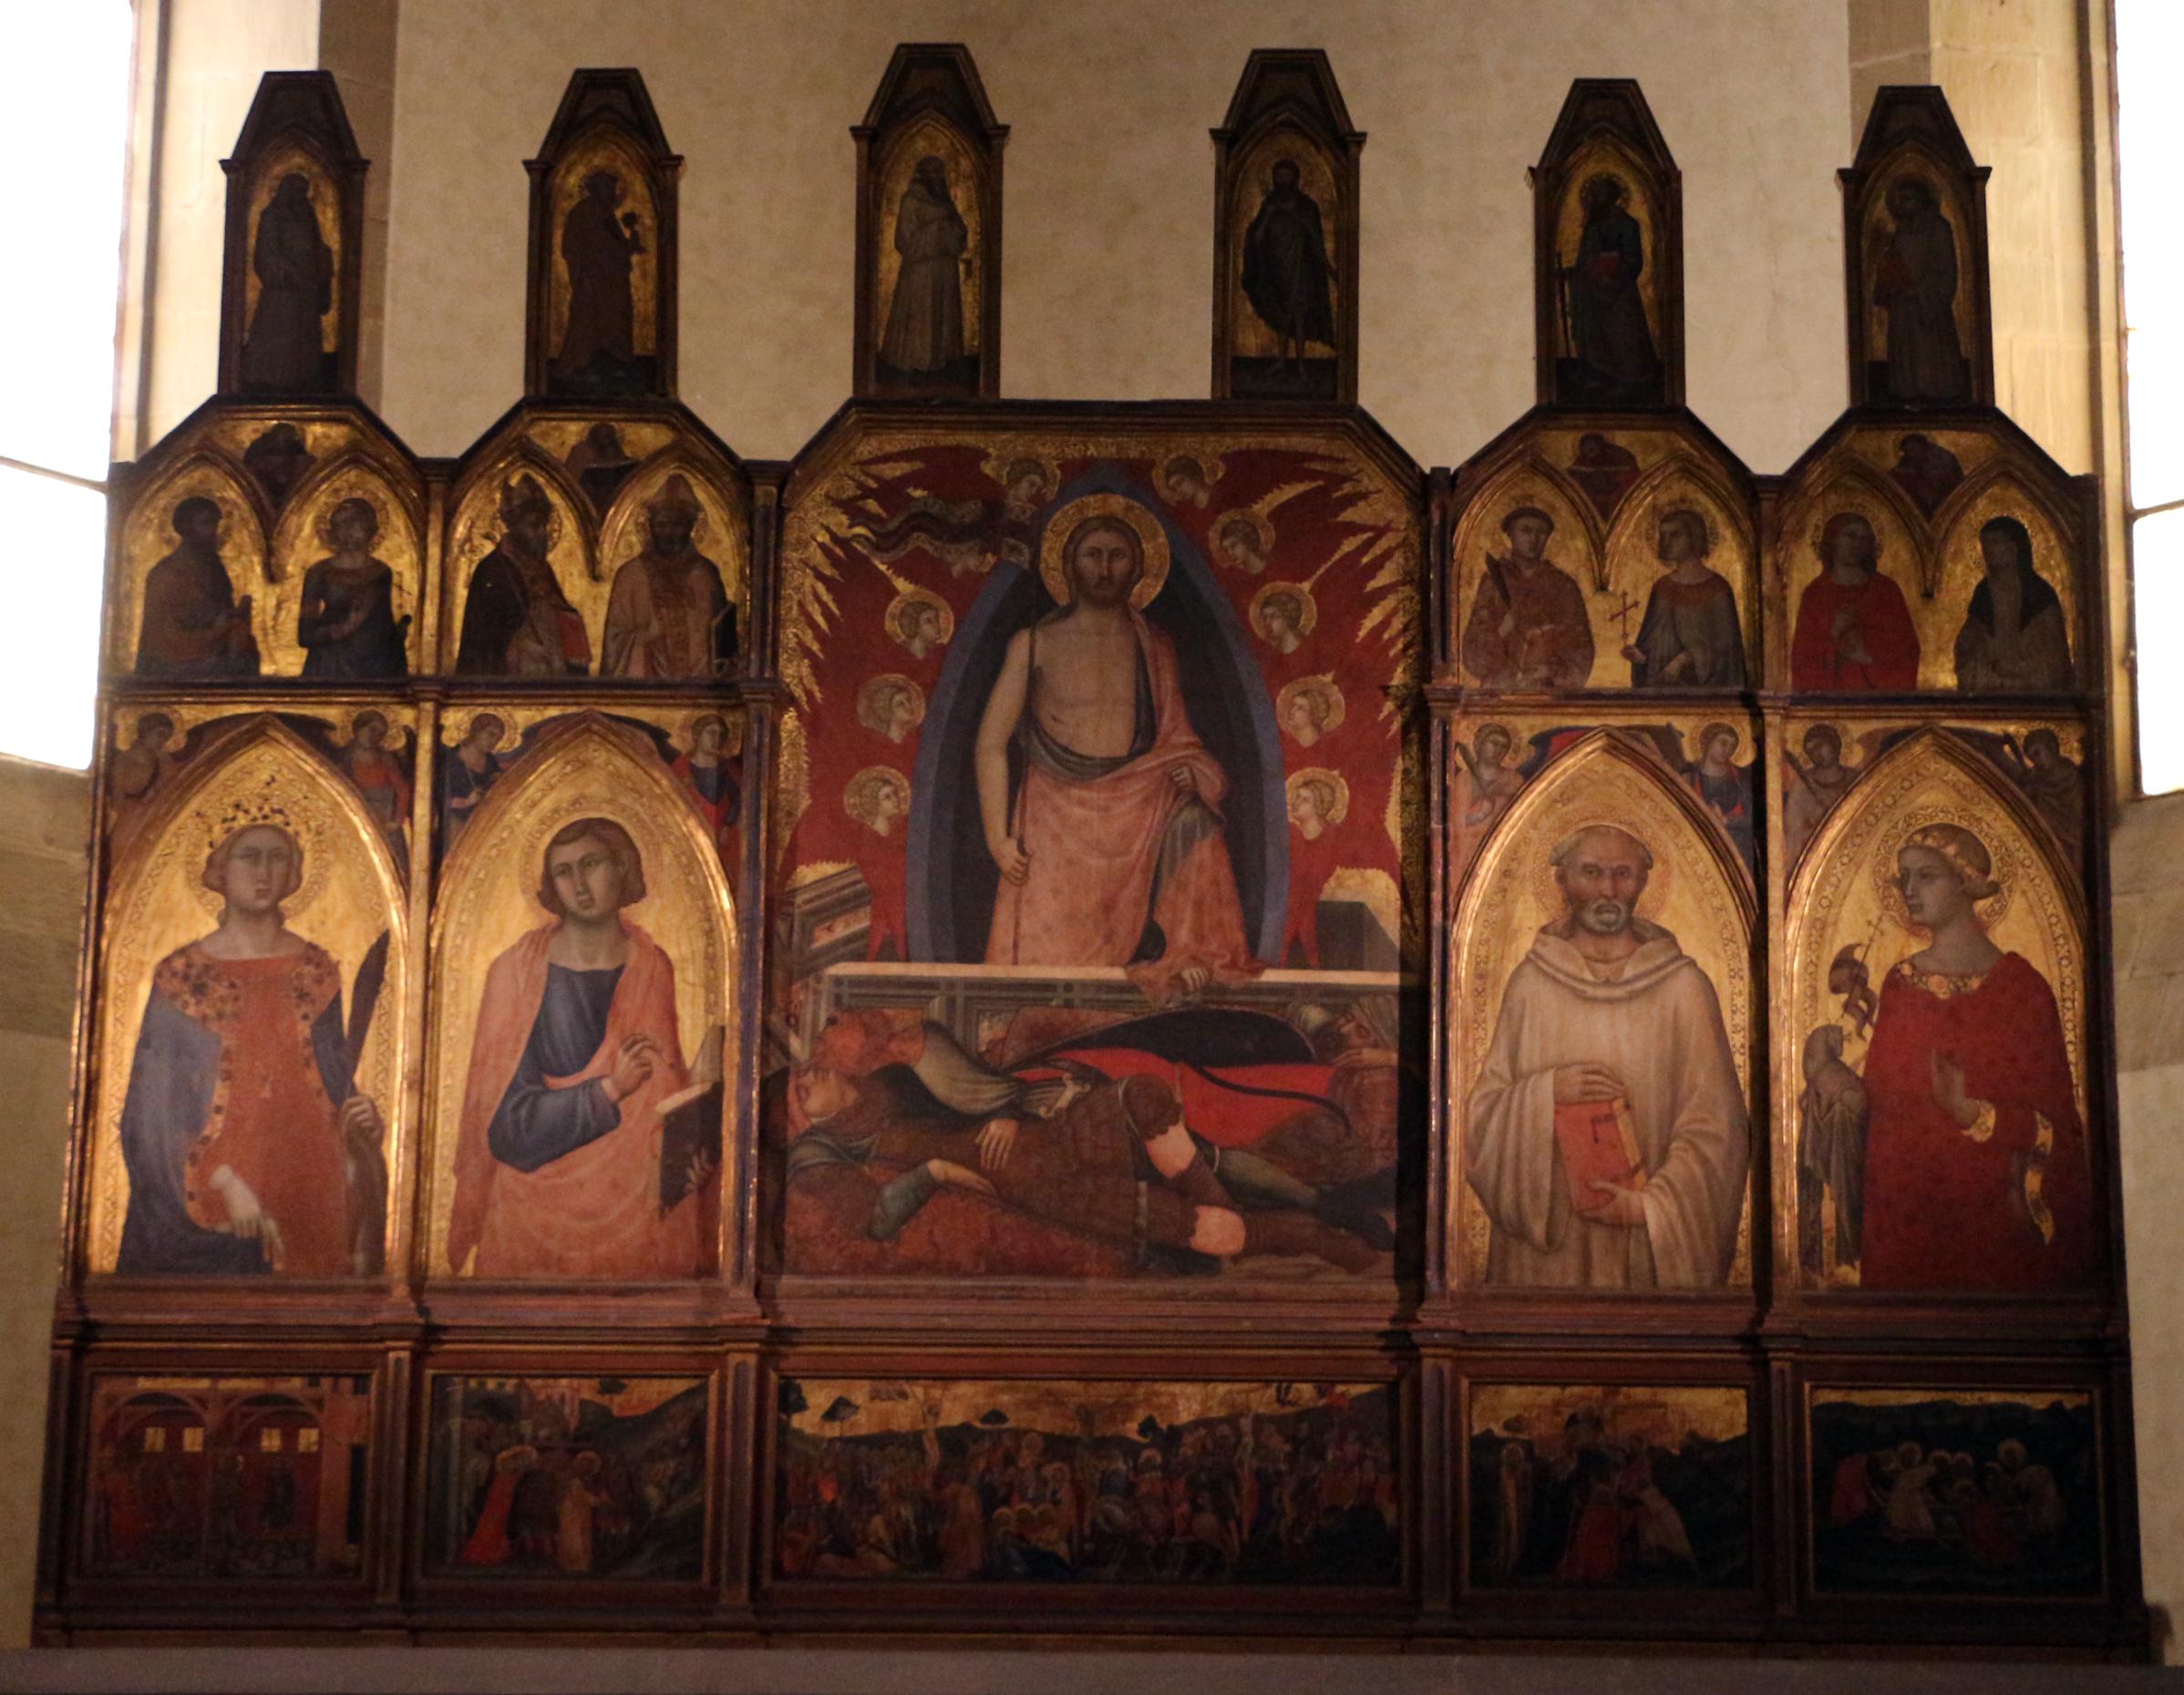 Niccolò di segna, polittico della resurrezione, 1348 circa